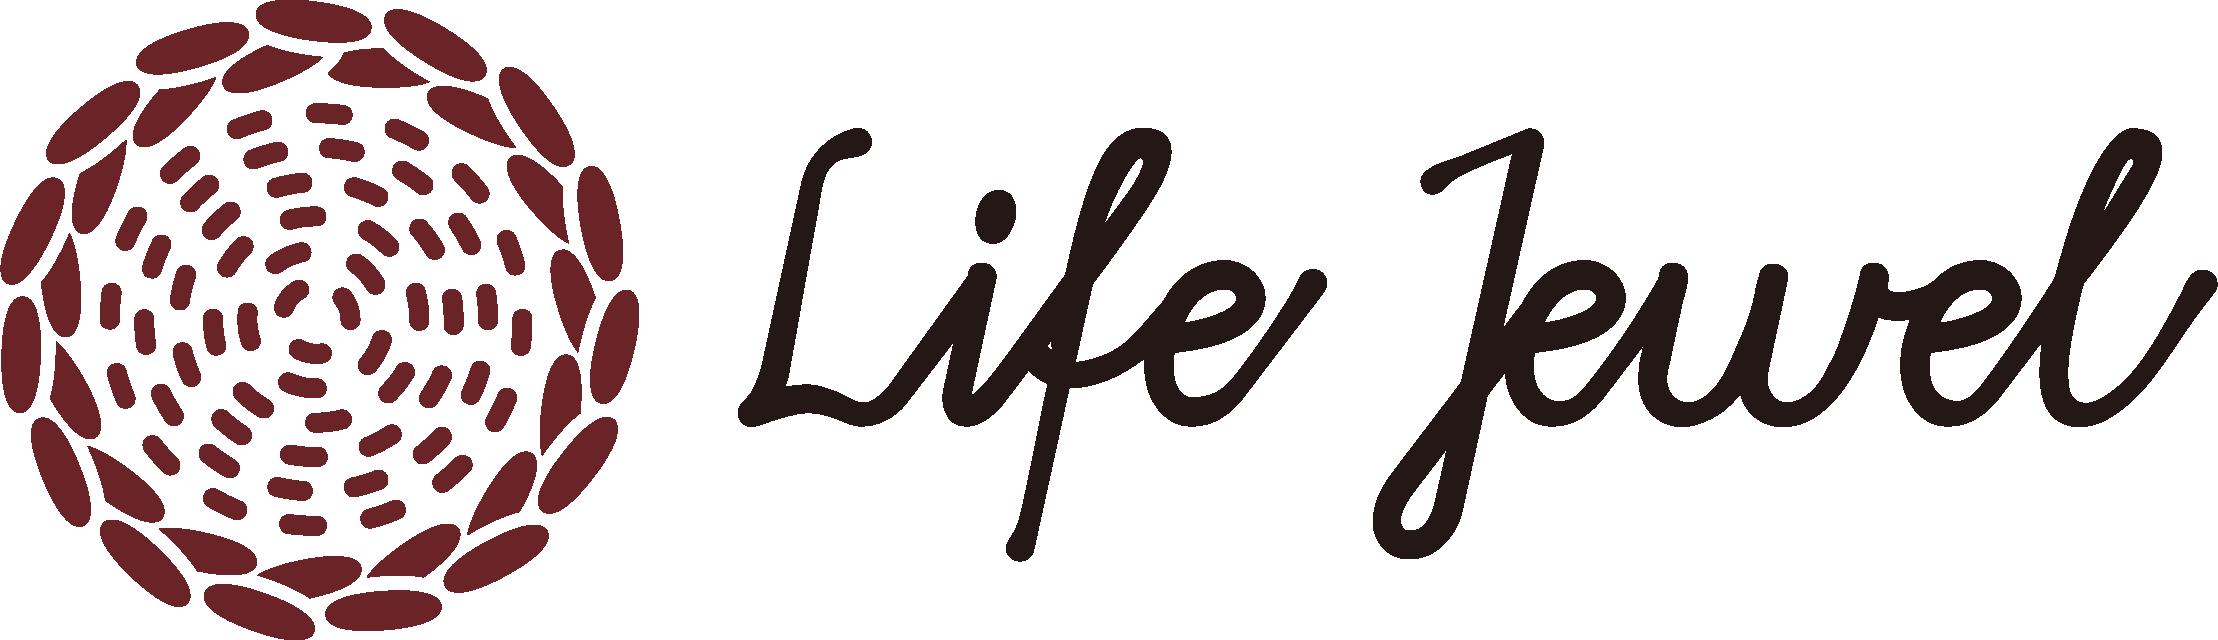 Life Jewel